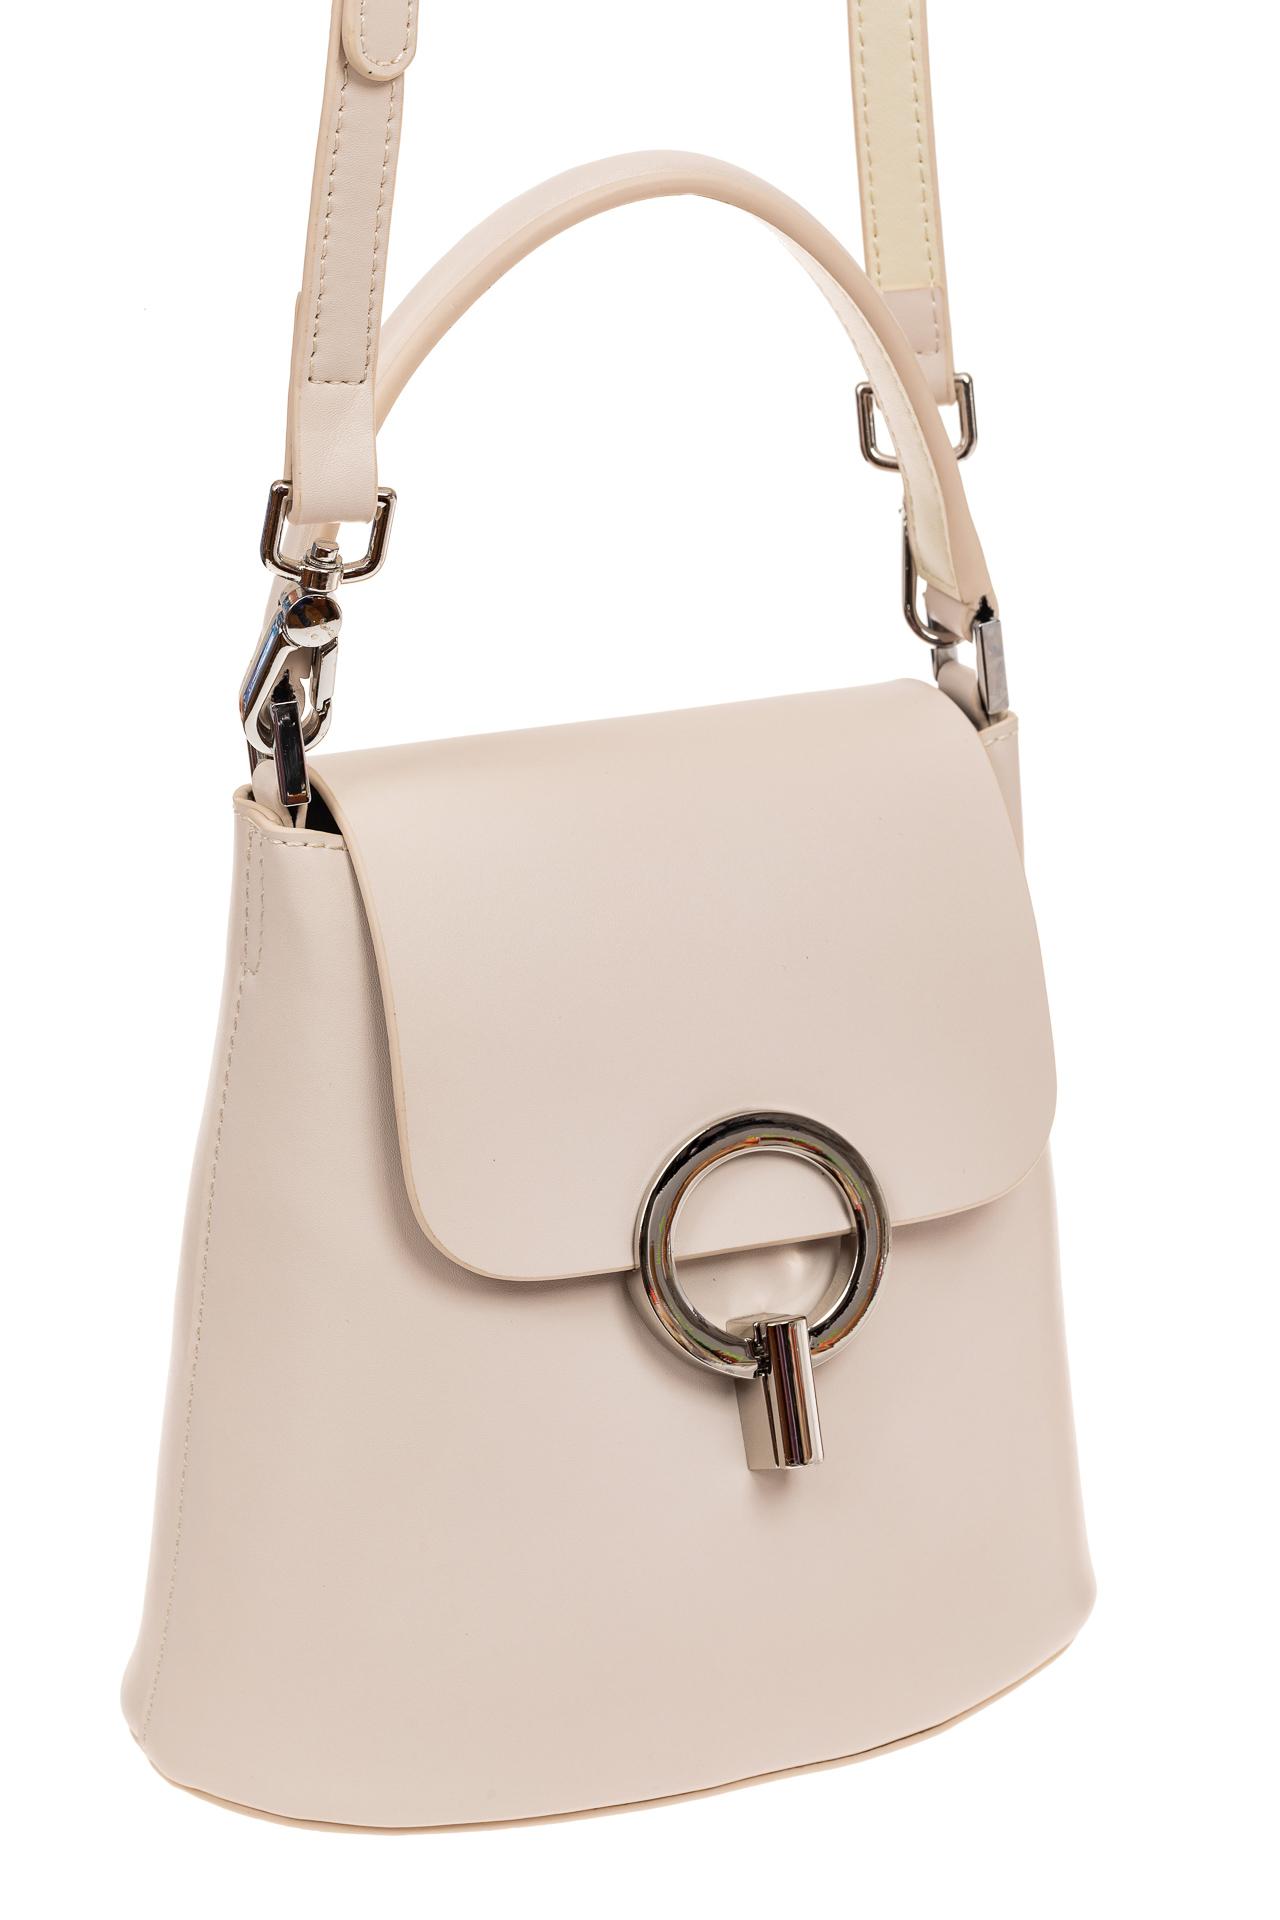 Сумка bucket-bag из натуральной кожи с пряжкой-кольцом, цвет белый